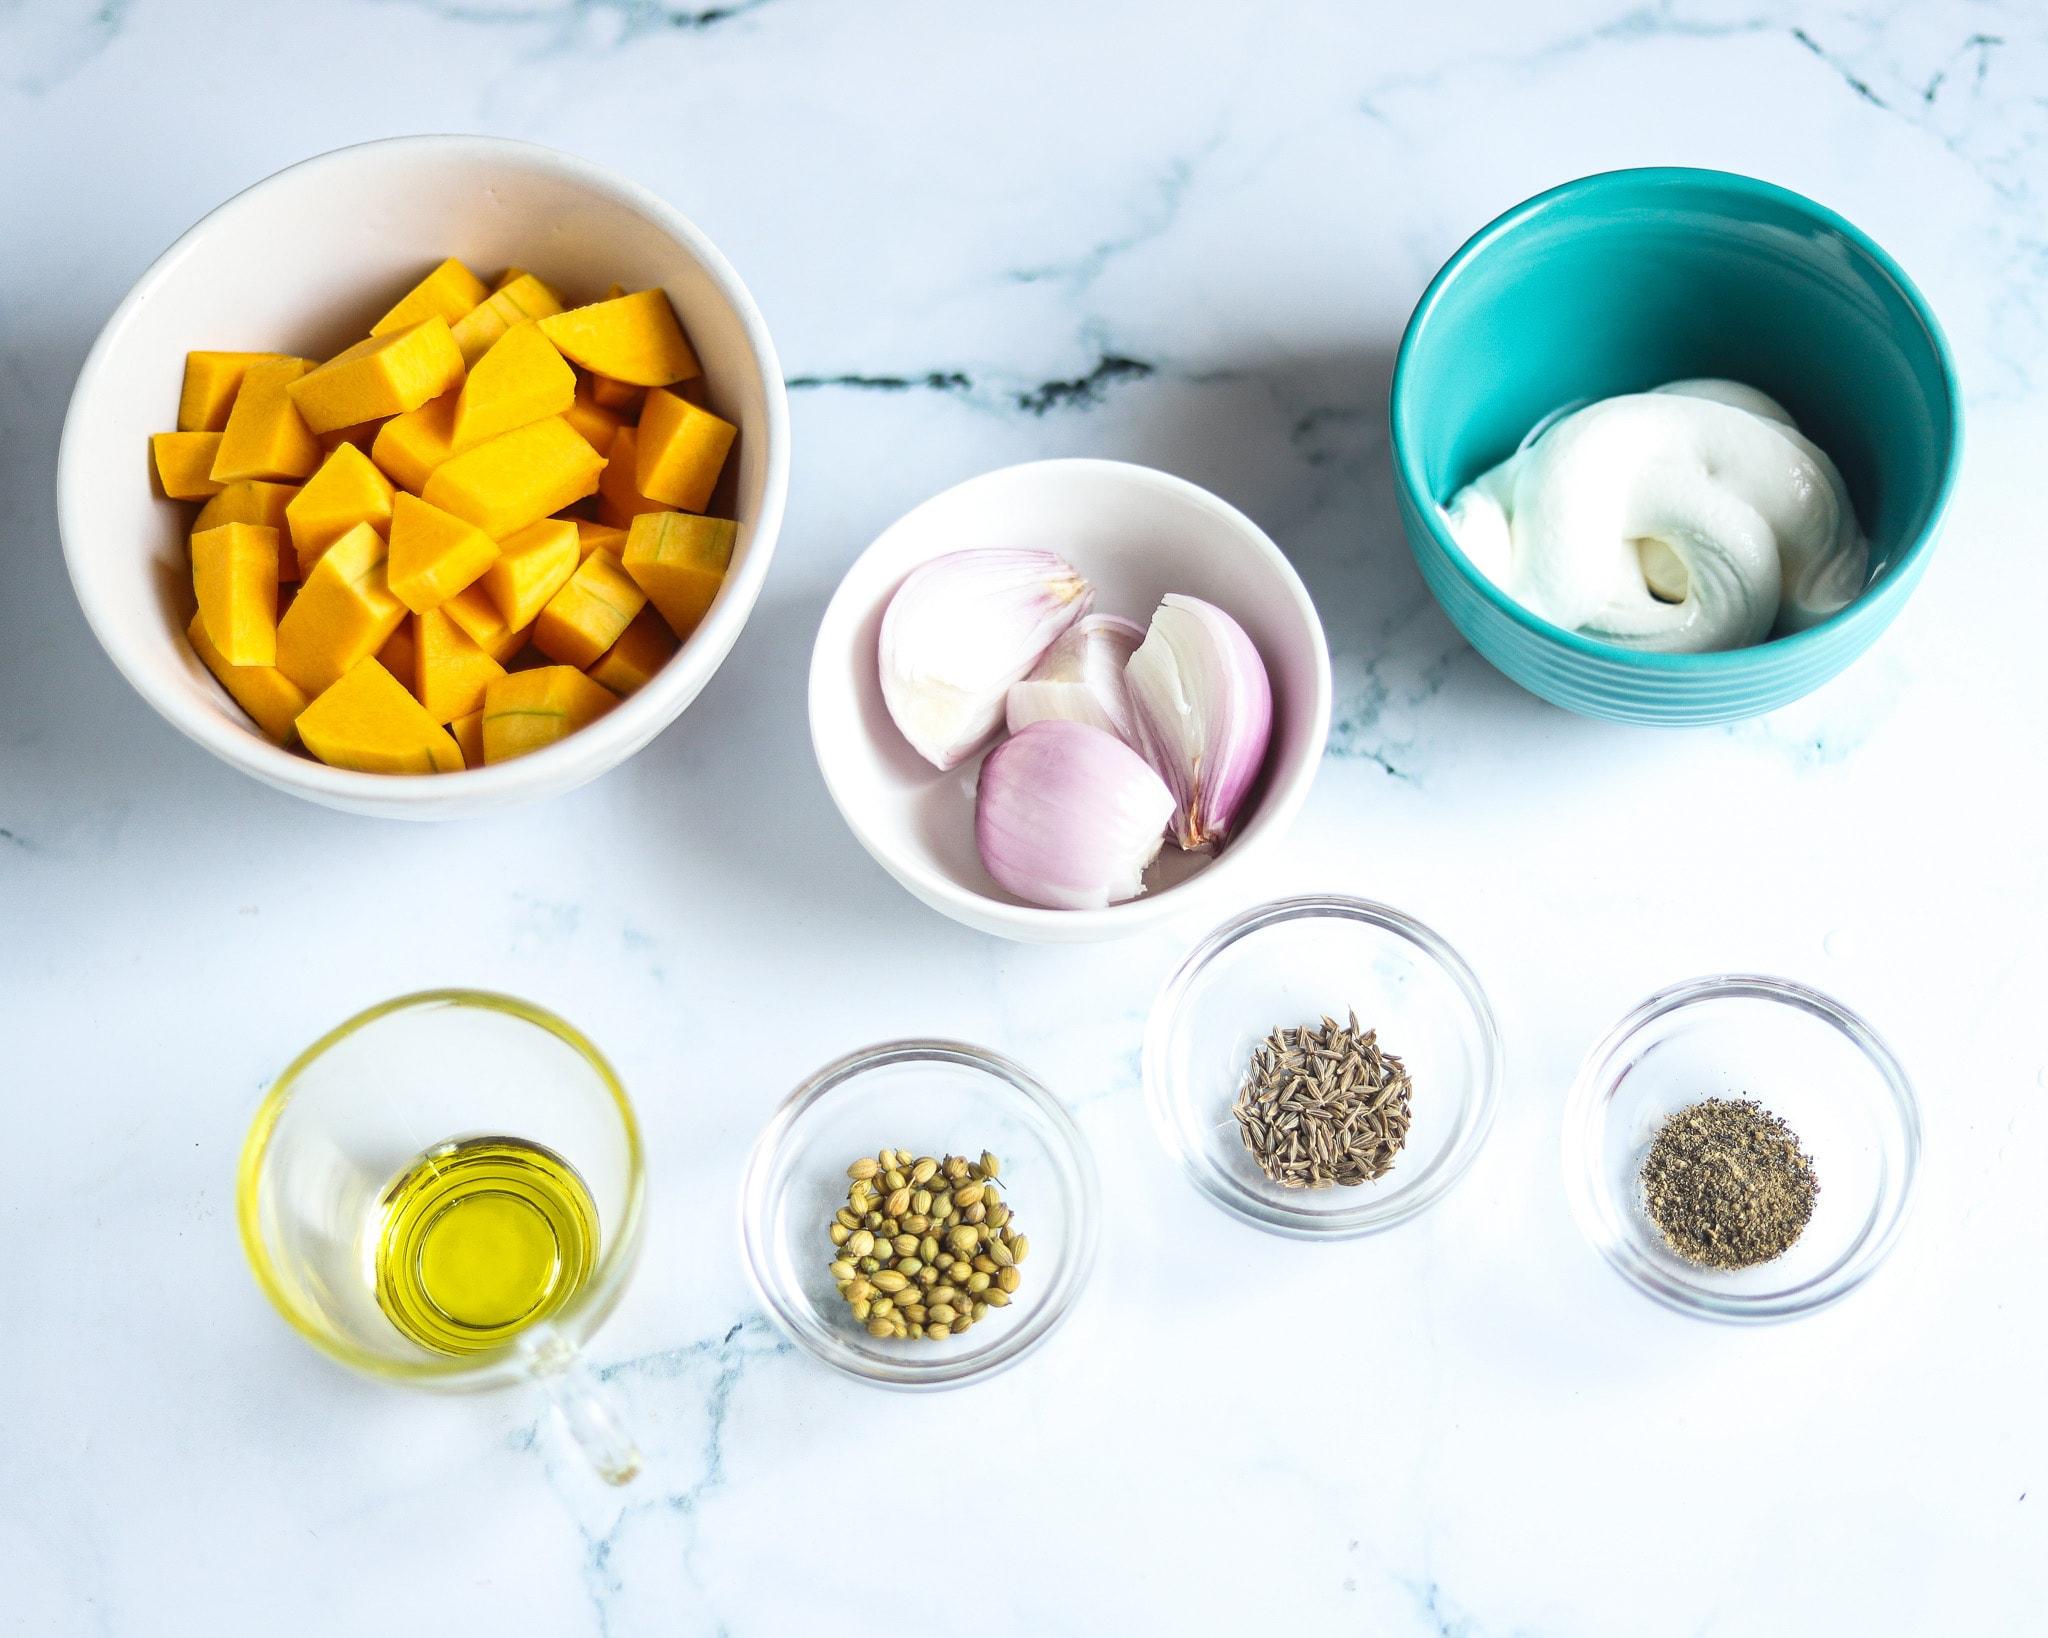 Roasted Pumpkin Soup Ingredients